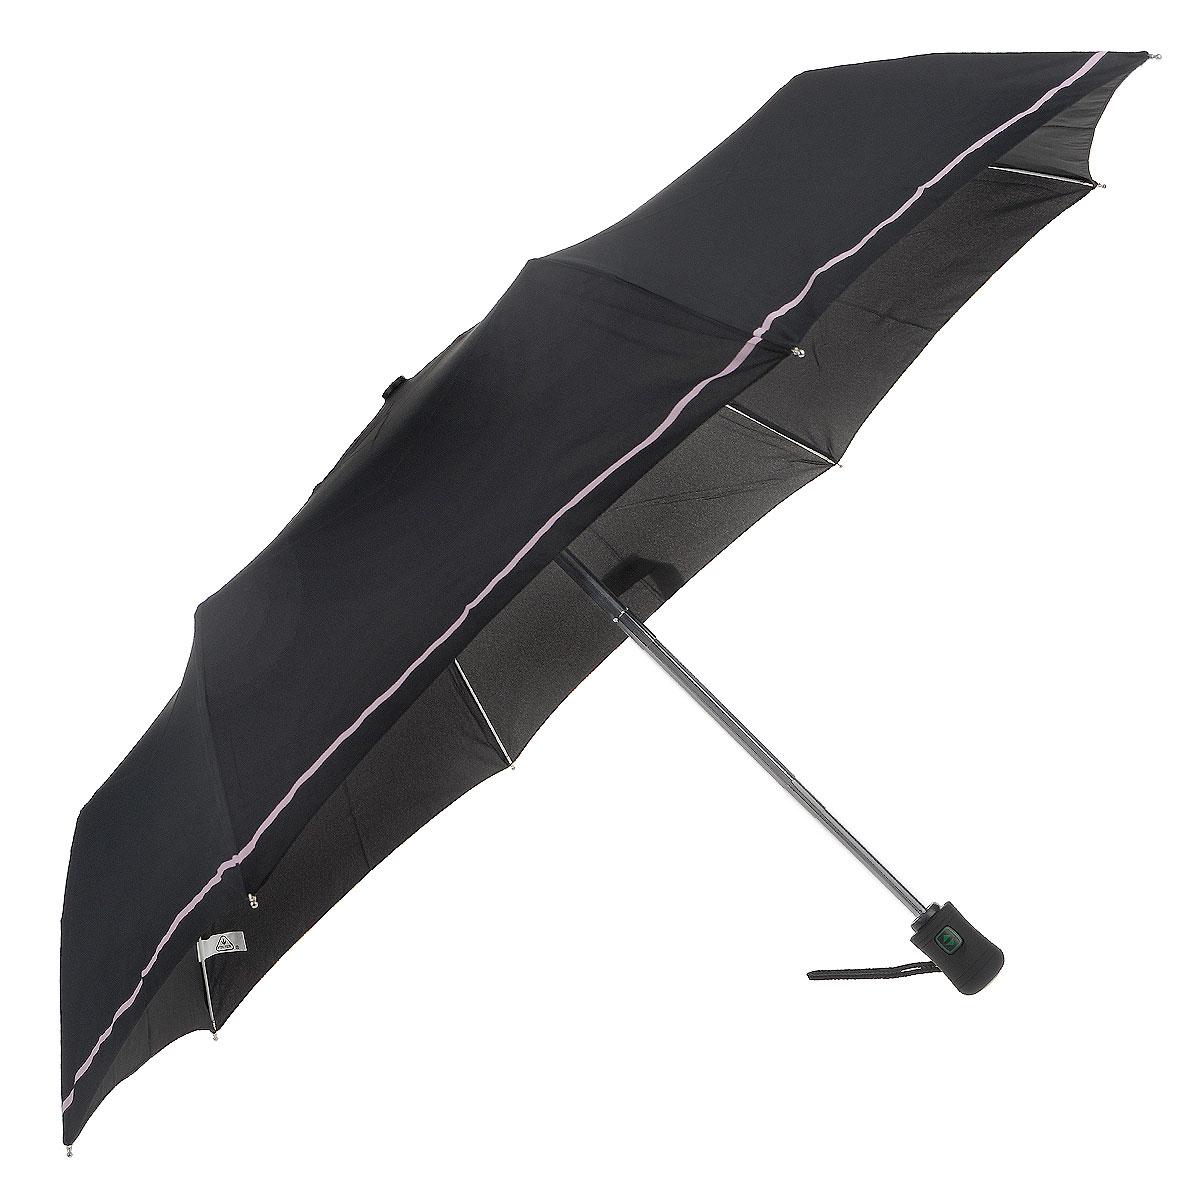 """Зонт женский Fulton WetnWild, автомат, 3 сложения, цвет: черныйJ346 0F2120Стильный зонт Fulton """"WetnWild"""" даже в ненастную погоду позволит вам оставаться женственной и элегантной. """"Ветростойкий"""" каркас зонта в 3 сложения состоит из восьми алюминиевых спиц с элементами из фибергласса, стержень выполнен из стали. Зонт оснащен удобной рукояткой из прорезиненного пластика. Купол зонта выполнен из прочного полиэстера черного цвета и оформлен принтом. На рукоятке для удобства есть небольшой шнурок, позволяющий надеть зонт на руку тогда, когда это будет необходимо. К зонту прилагается чехол. Зонт автоматического сложения: купол открывается и закрывается нажатием на кнопку, стержень складывается вручную до характерного щелчка."""